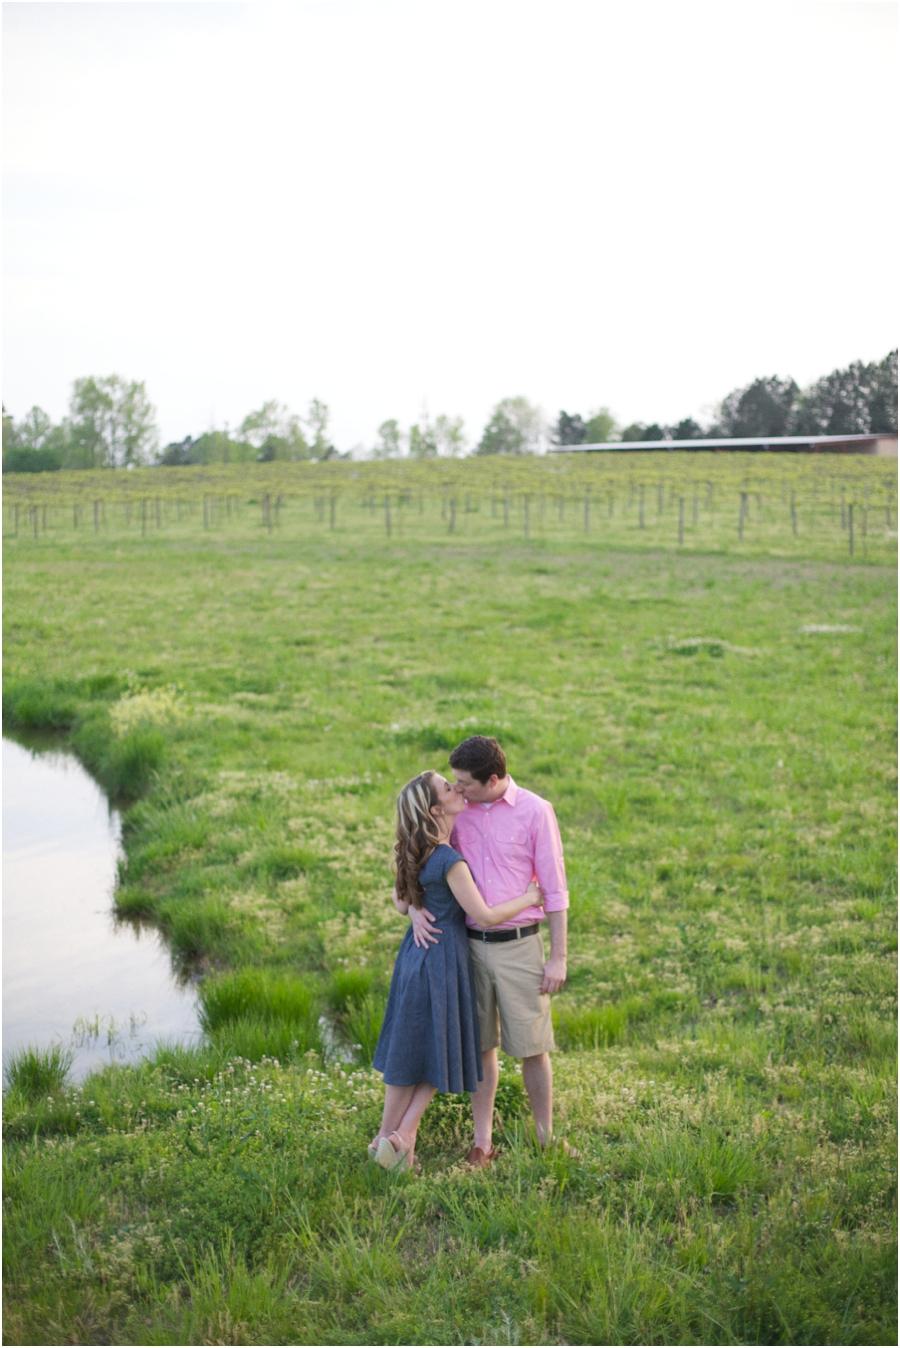 nc vineyard couples portrait photography